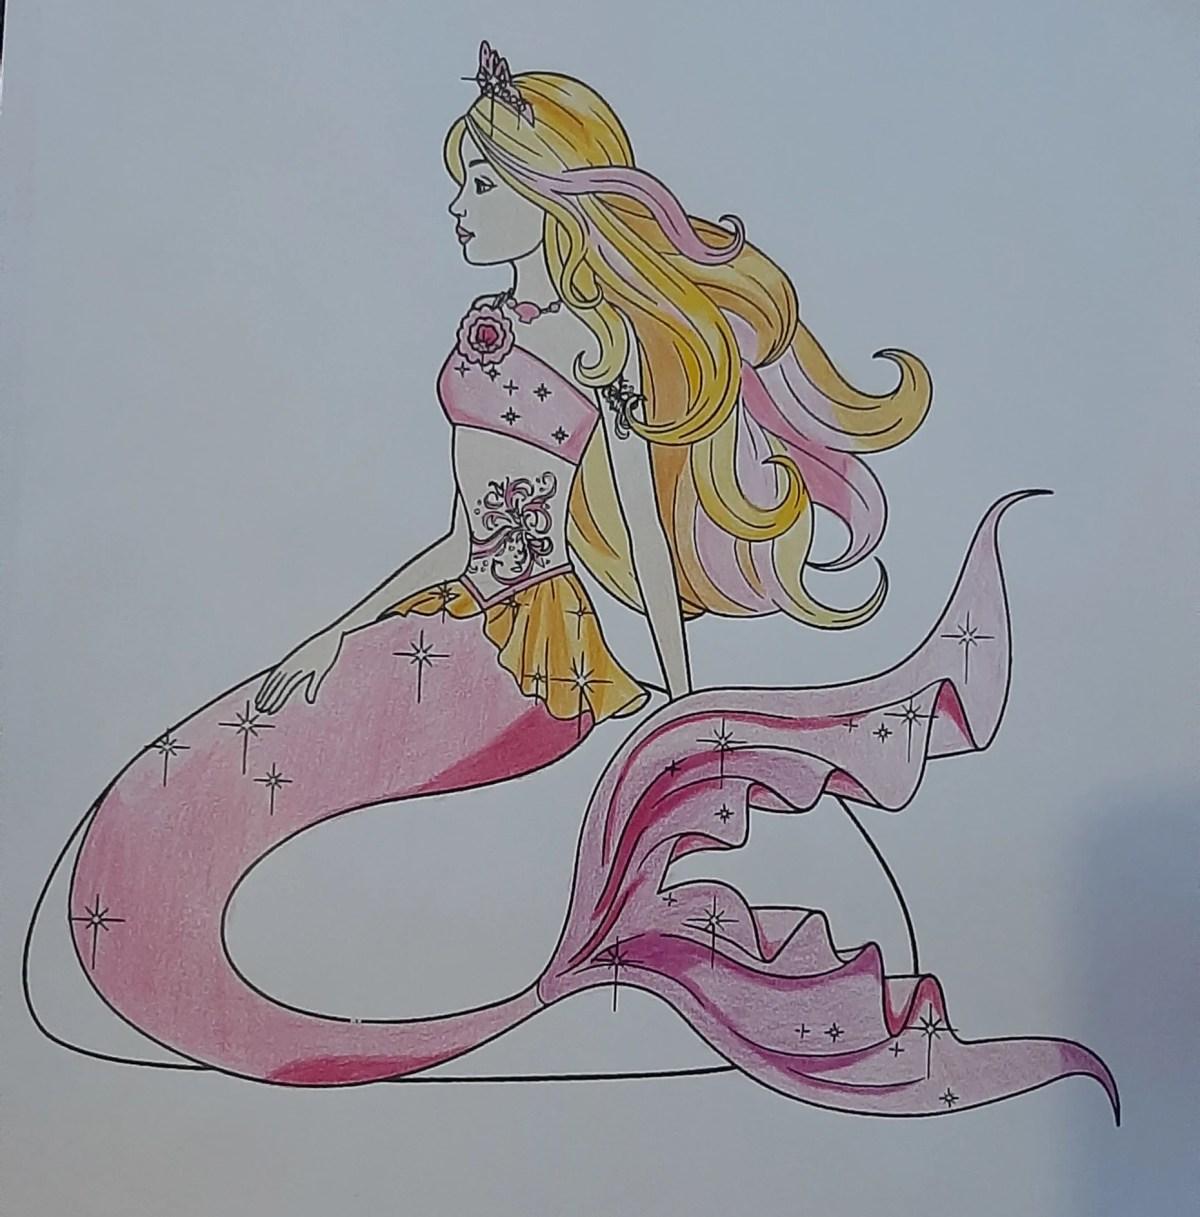 Barbie Sereia - Colorindo um desenho com lápis de cor tradicional - Cabelos longos 10